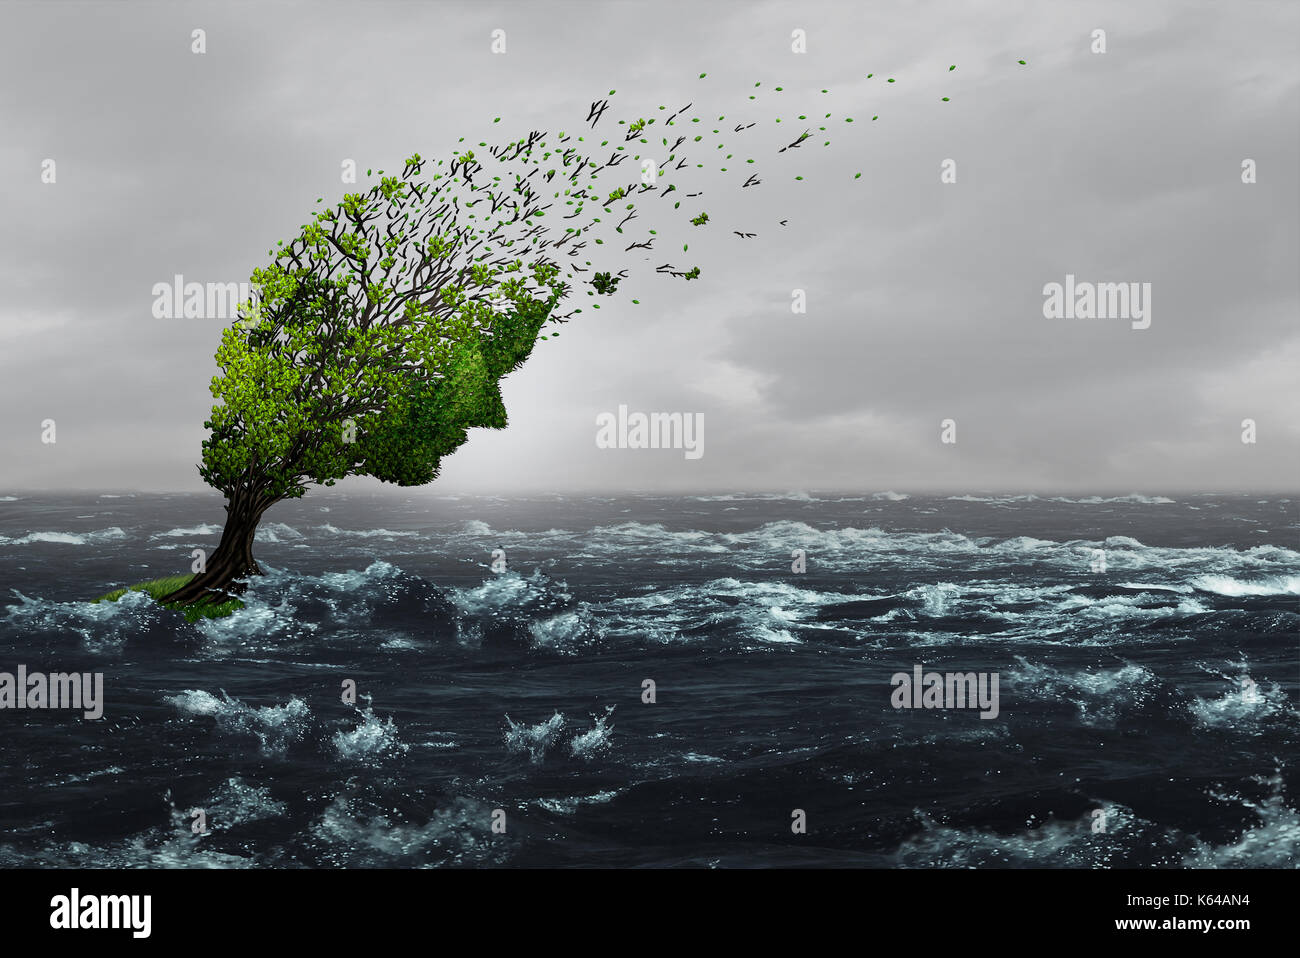 Überleben ein Sturm Konzept als ein zerschlagener betonte Baum durchgebrannt durch heftige Winde in Hochwasser als Angst oder Missbrauch Metapher zu widerstehen. Stockbild